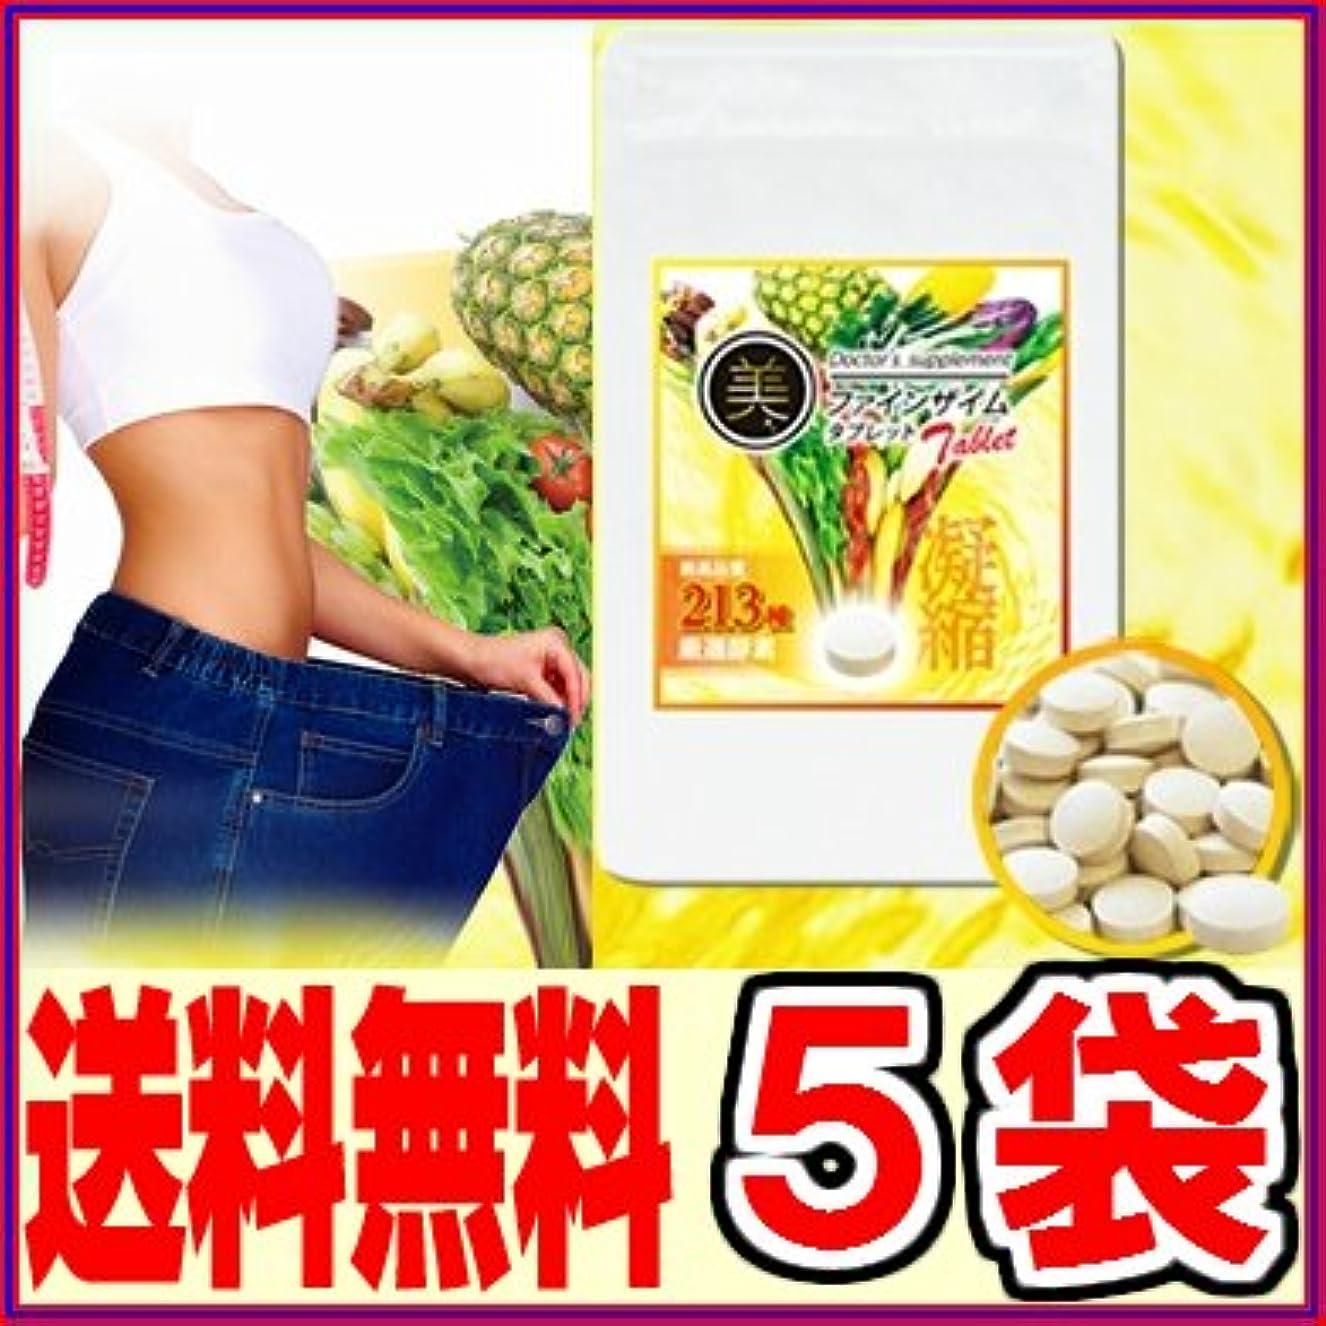 摂動無効誘惑美?ファインザイム タブレット90粒 ×超お得5袋セット《酵素、ダイエット、エステ、213種酵素、酵素ダイエット、マイクロ、リコピン、レスベラトロール》